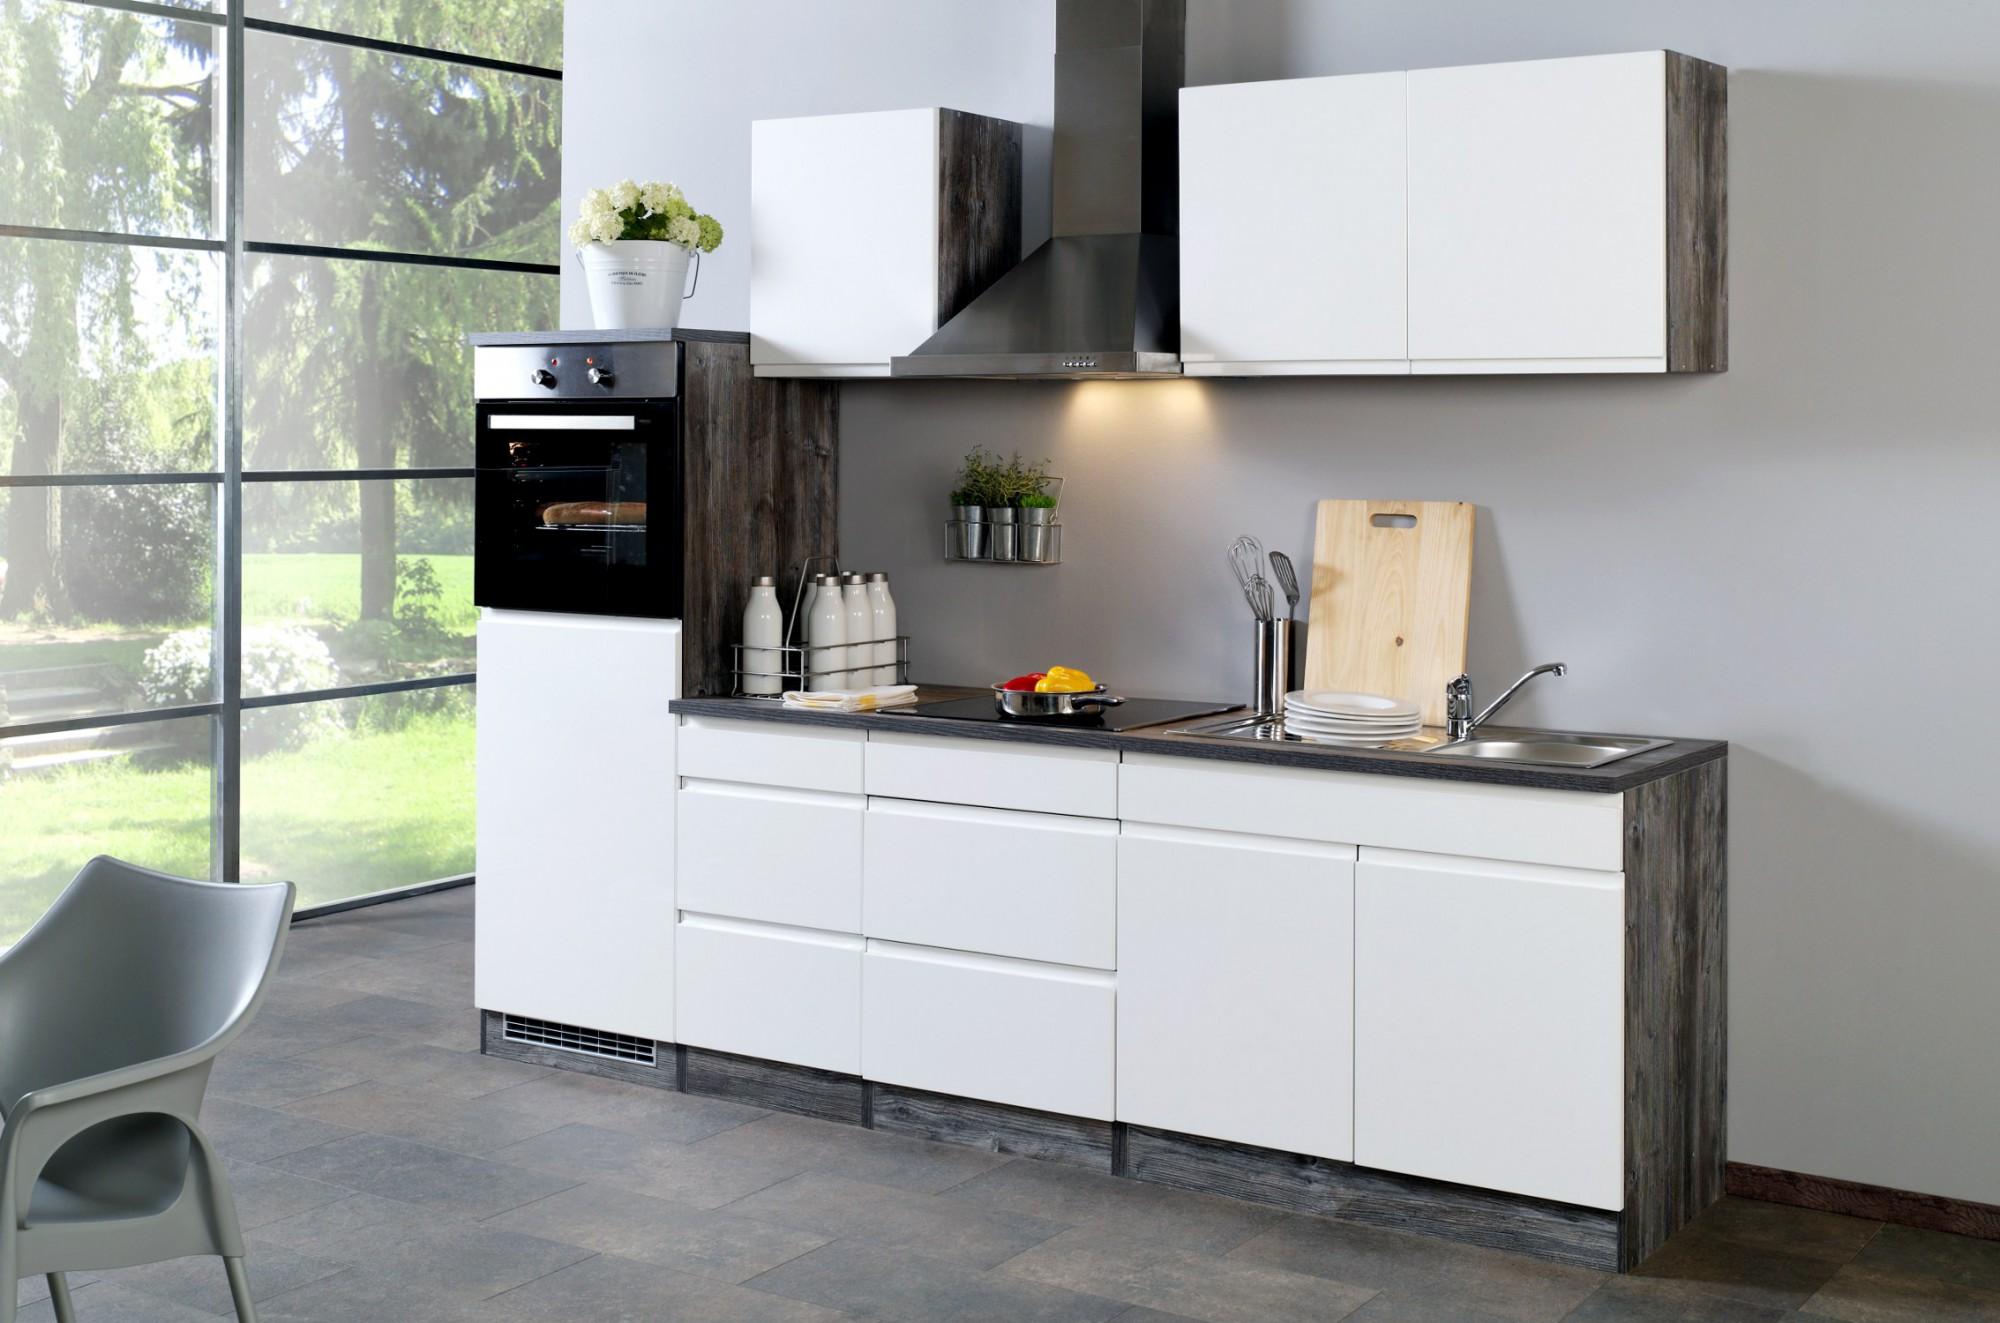 küchen-eckunterschrank cardiff - 1-türig - 110 cm breit